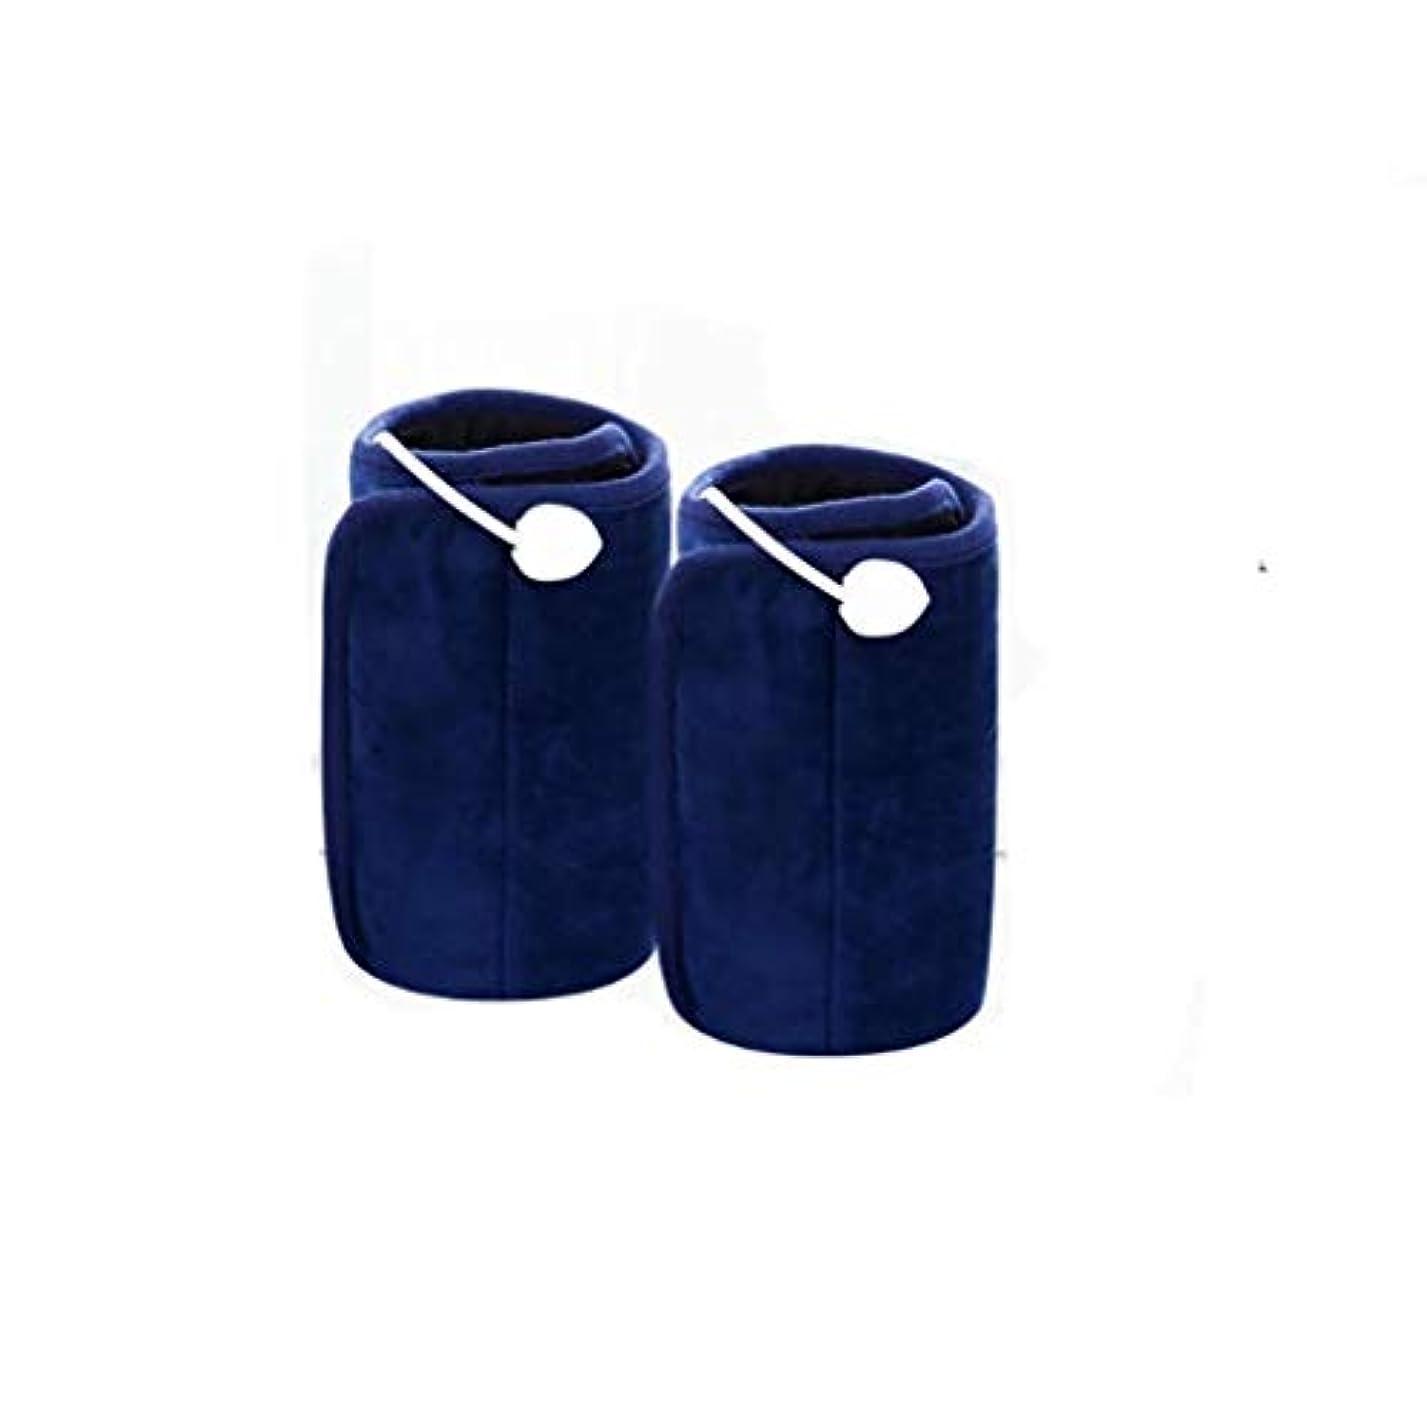 道徳の聖域お勧め電気膝パッド、温かい古い膝、携帯式膝加熱、360°oxi温かい家庭用スマート温度調整